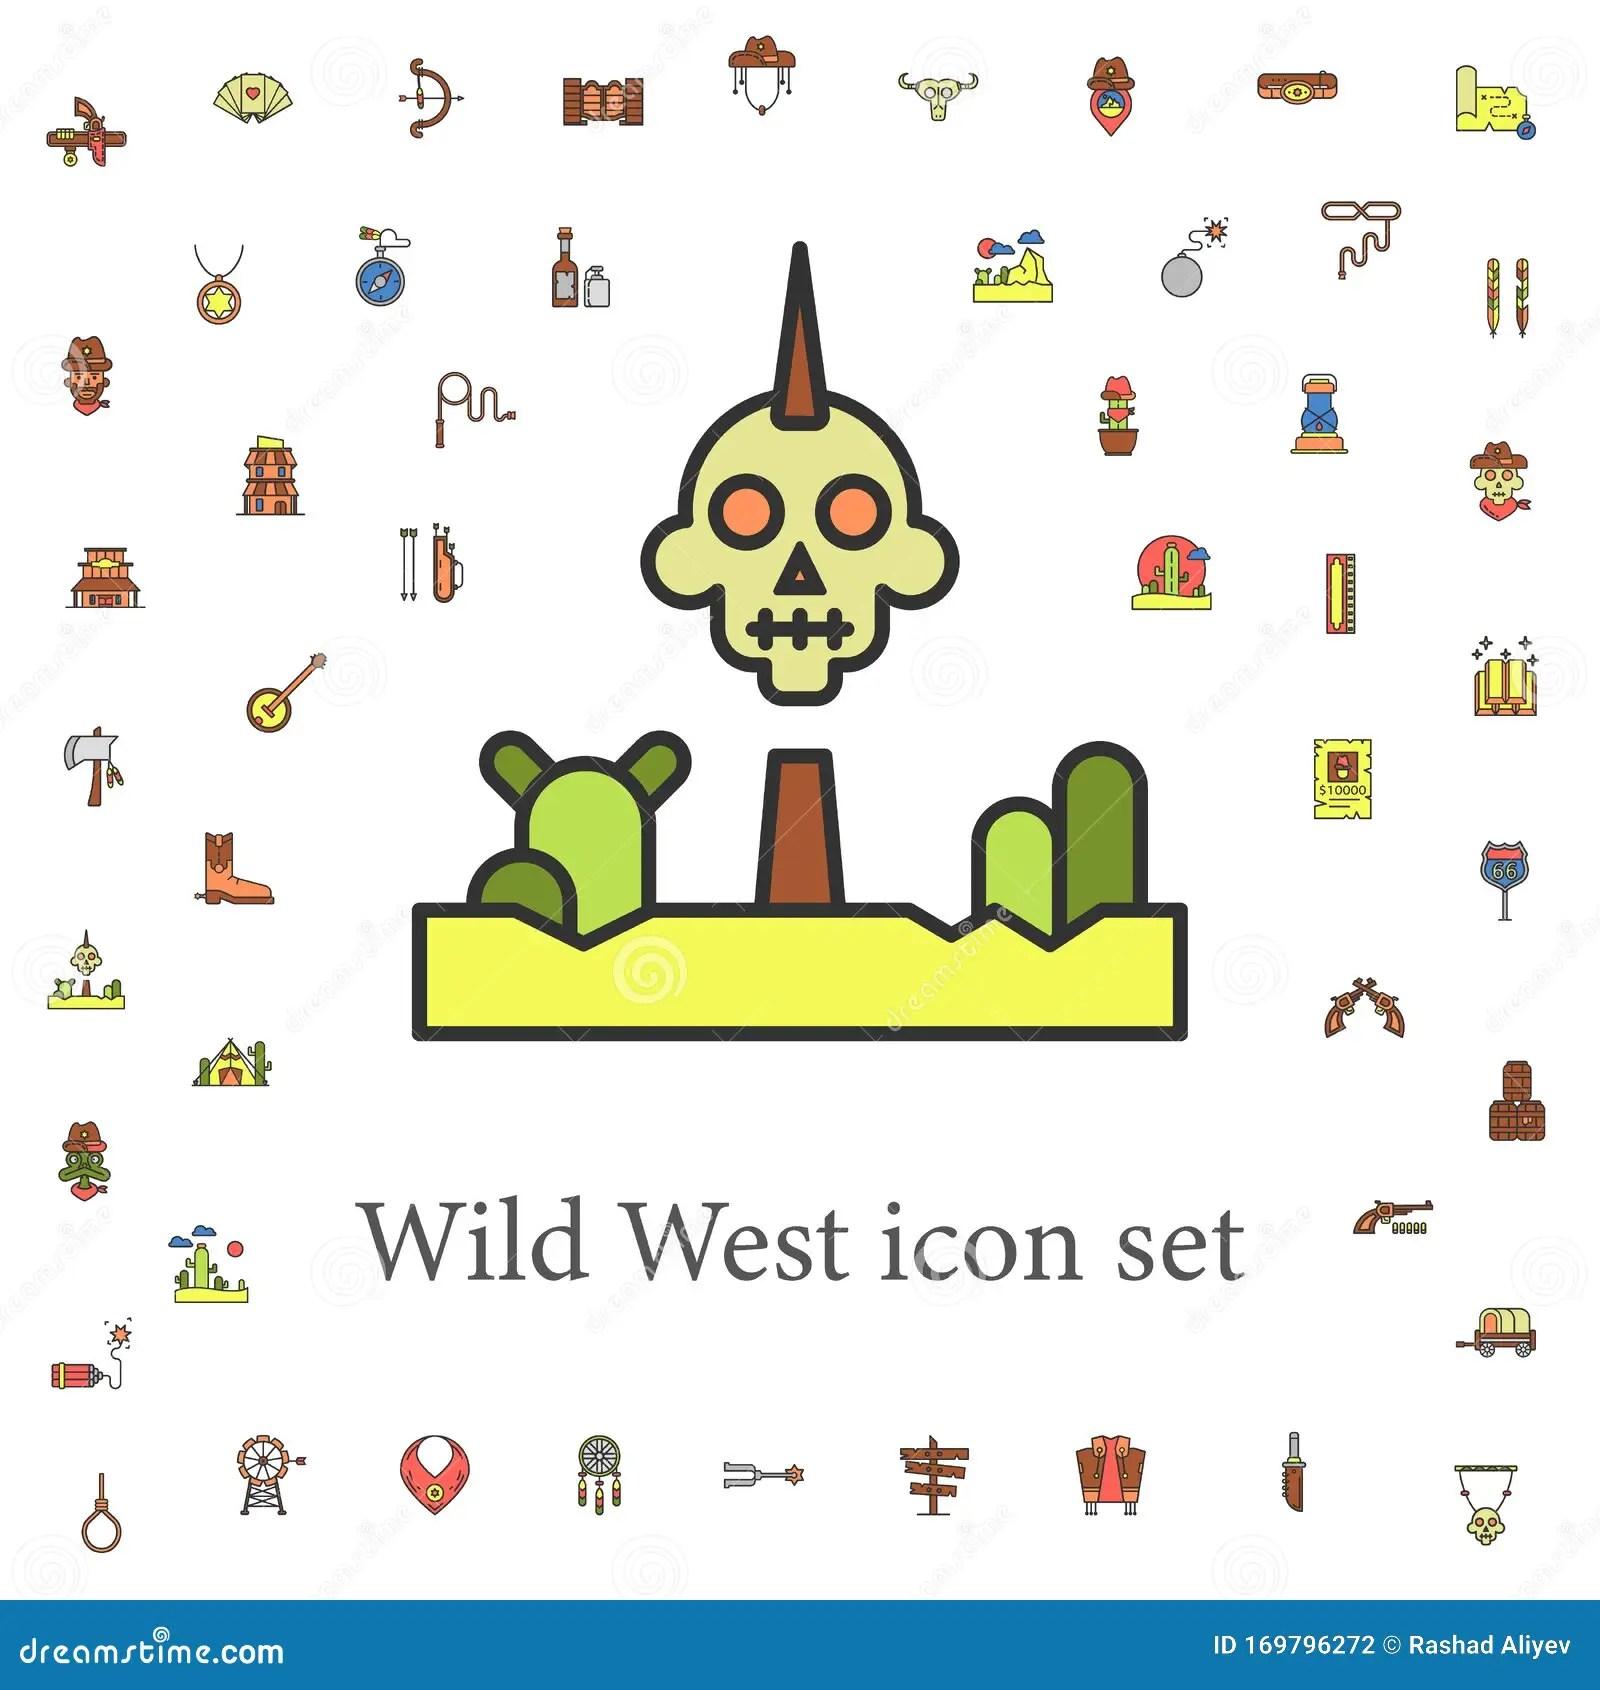 Iroquois Colorato Icone Wild West Set Universale Per Web E